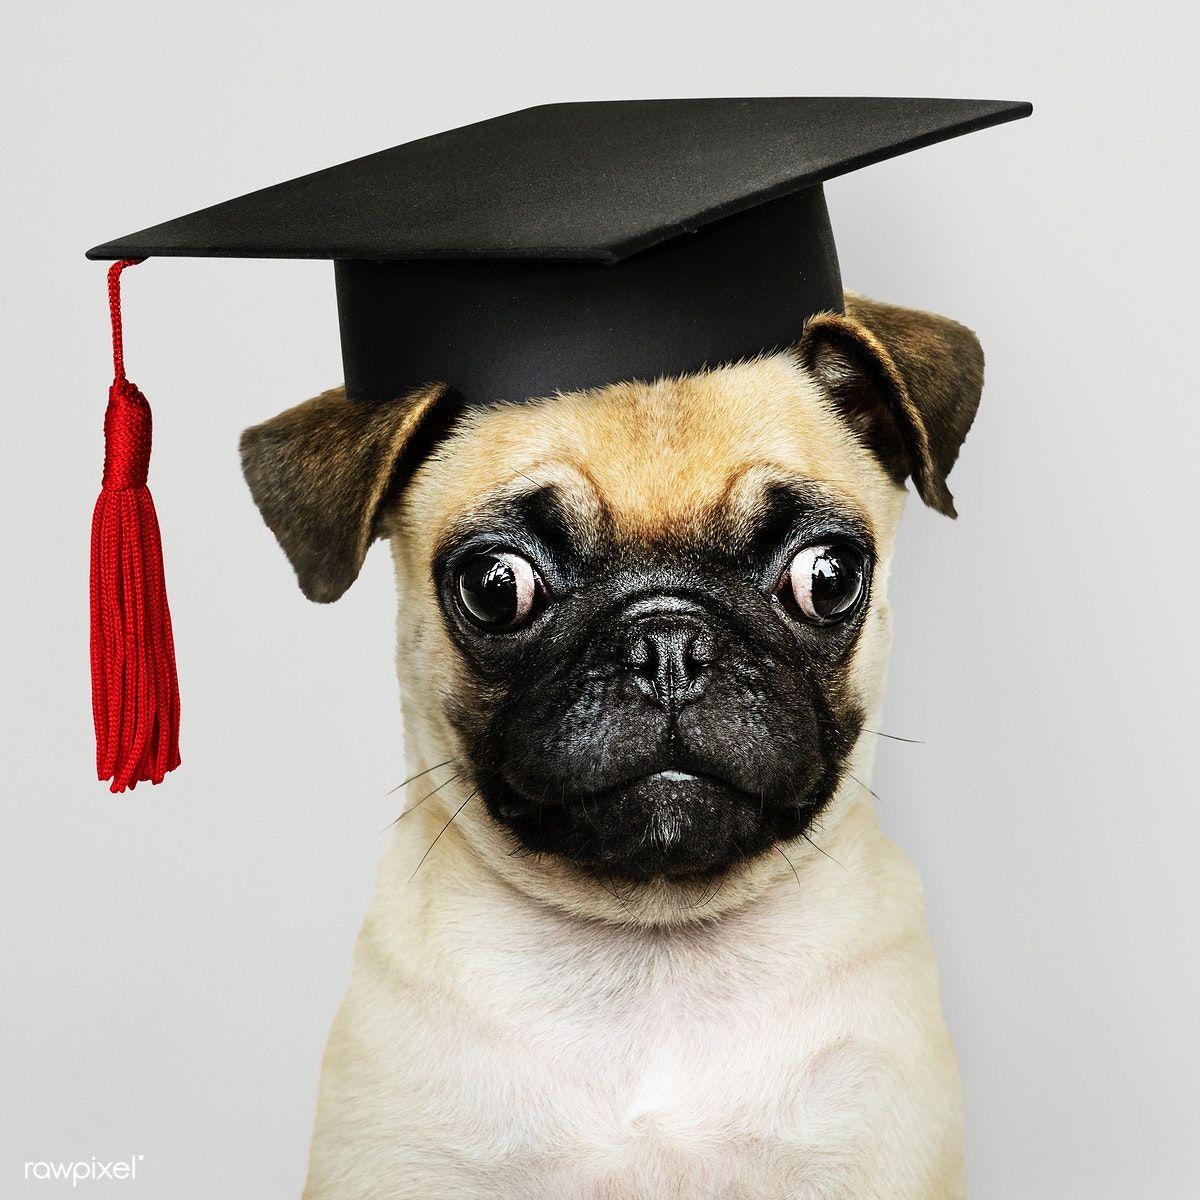 Download Premium Psd Of Cute Pug Puppy In A Graduation Cap 547733